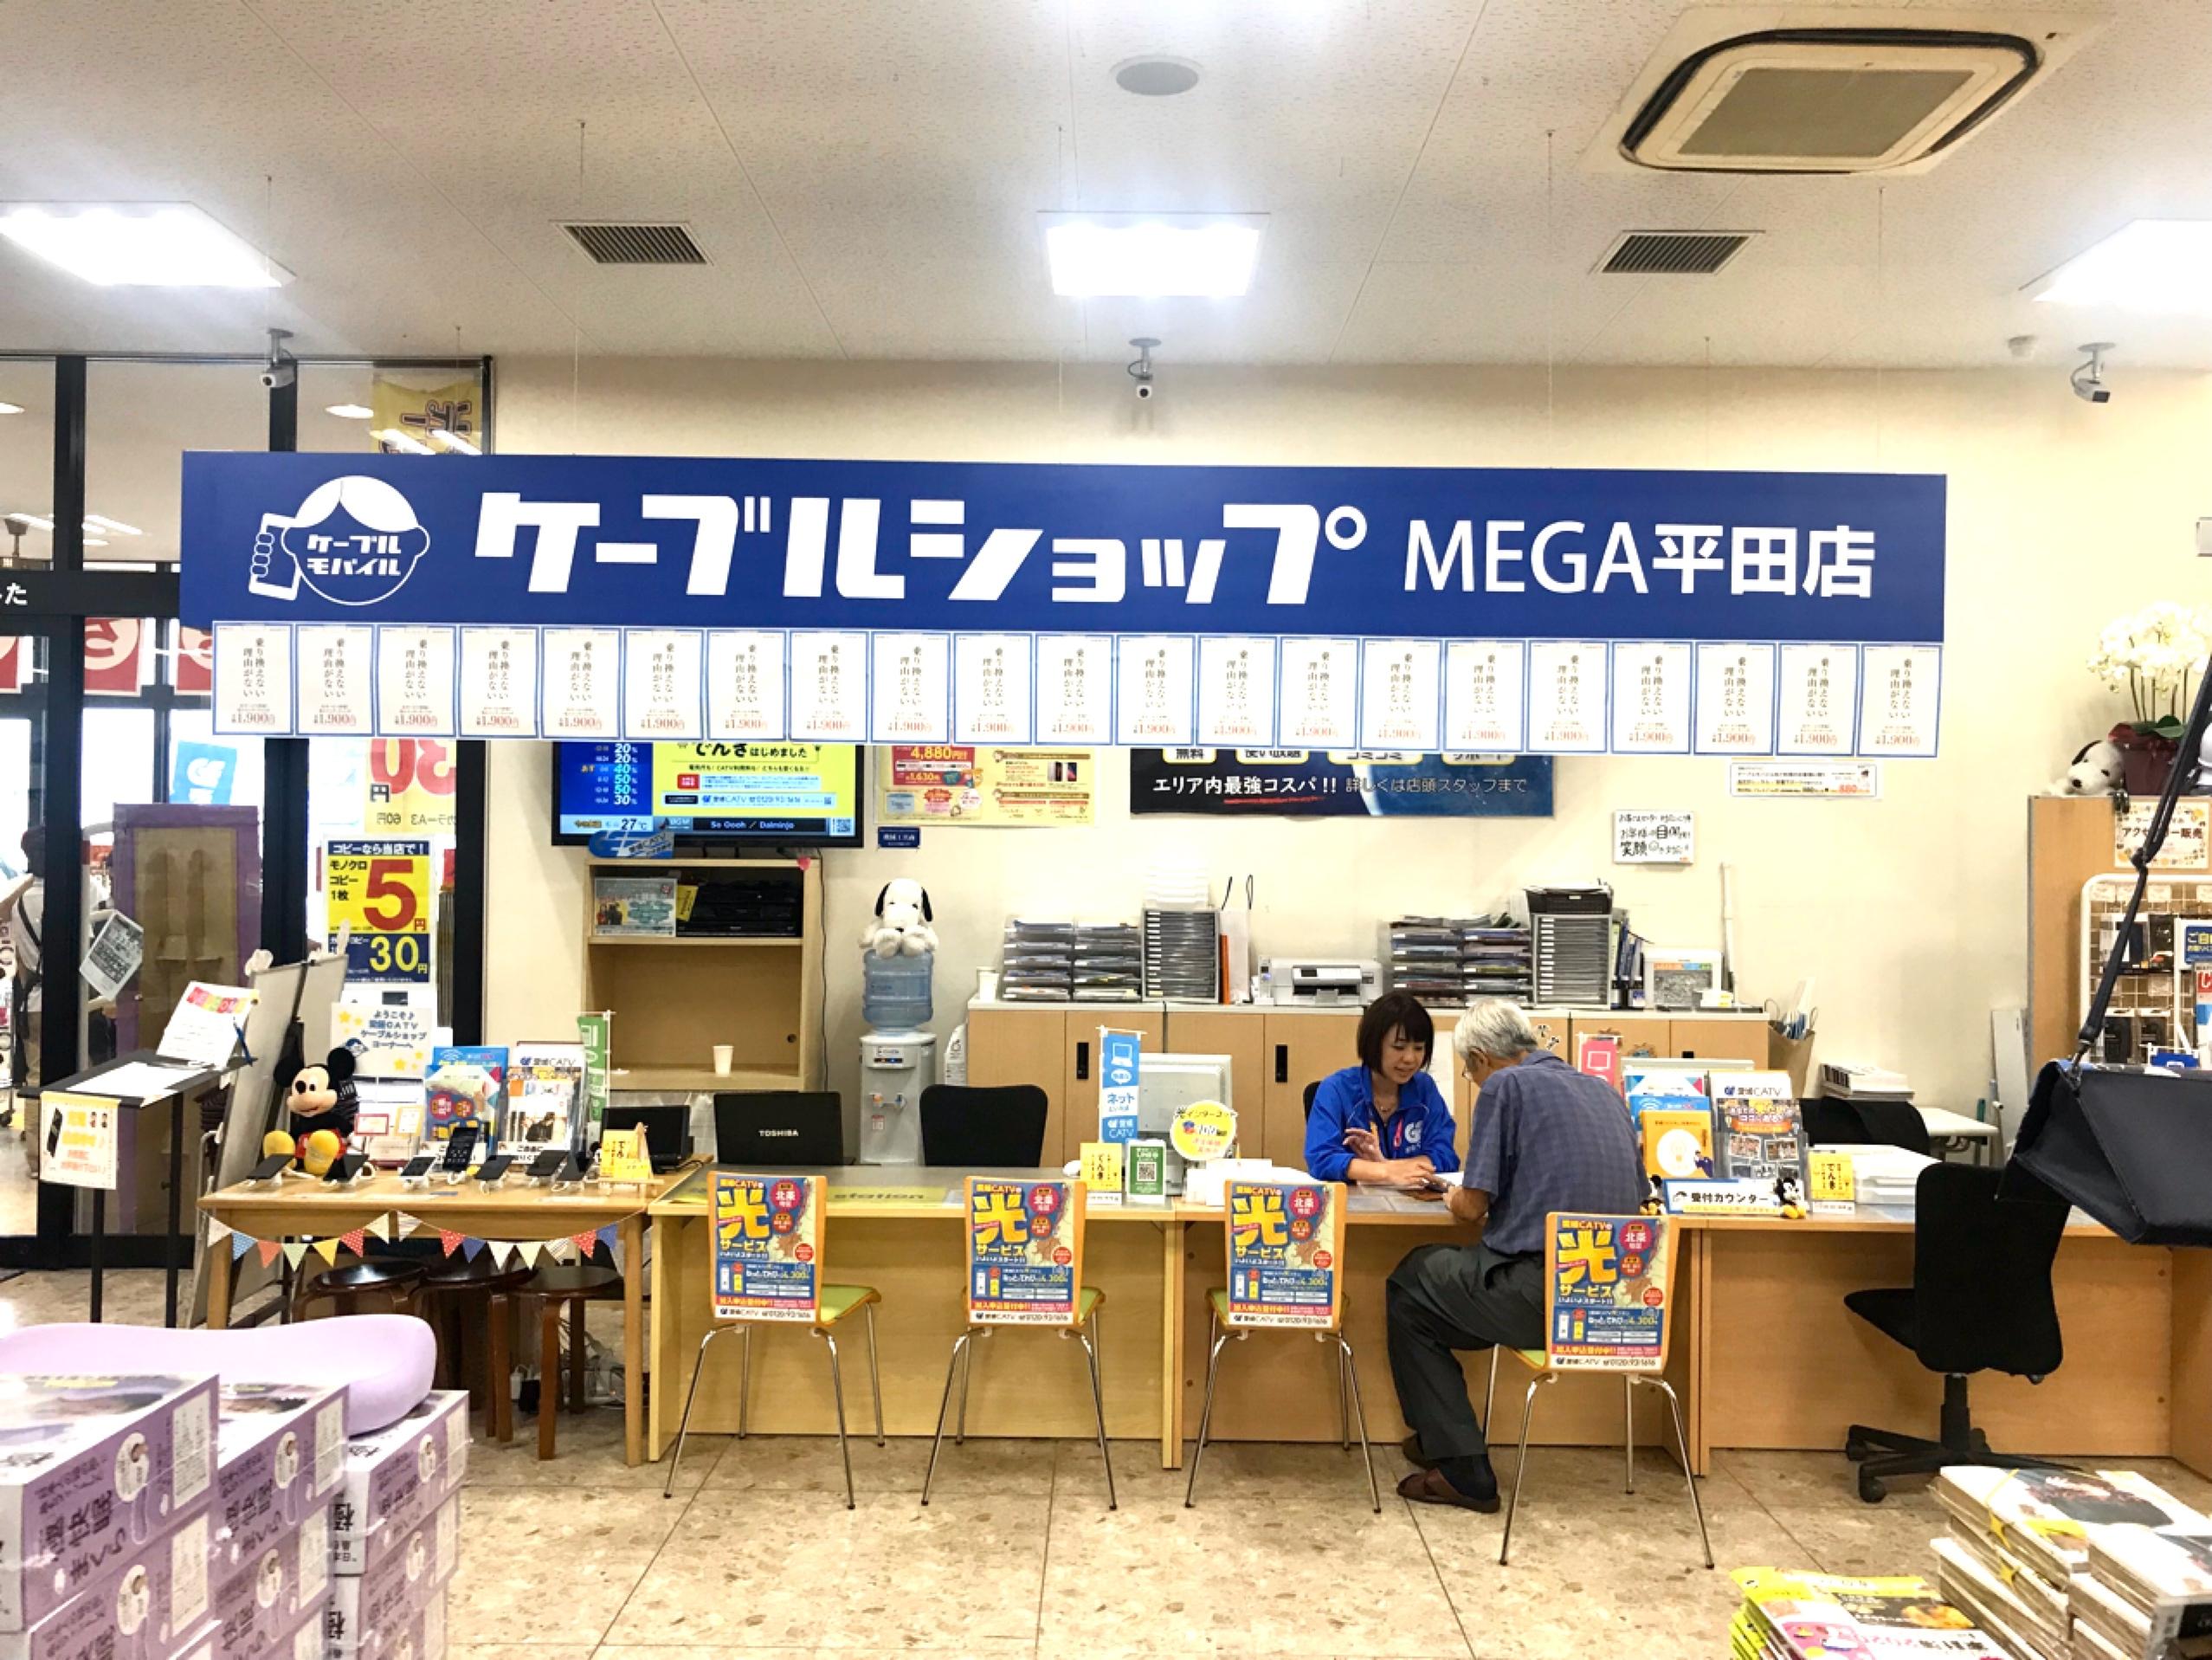 スマホステーション愛媛CATV明屋書店MEGA平田店